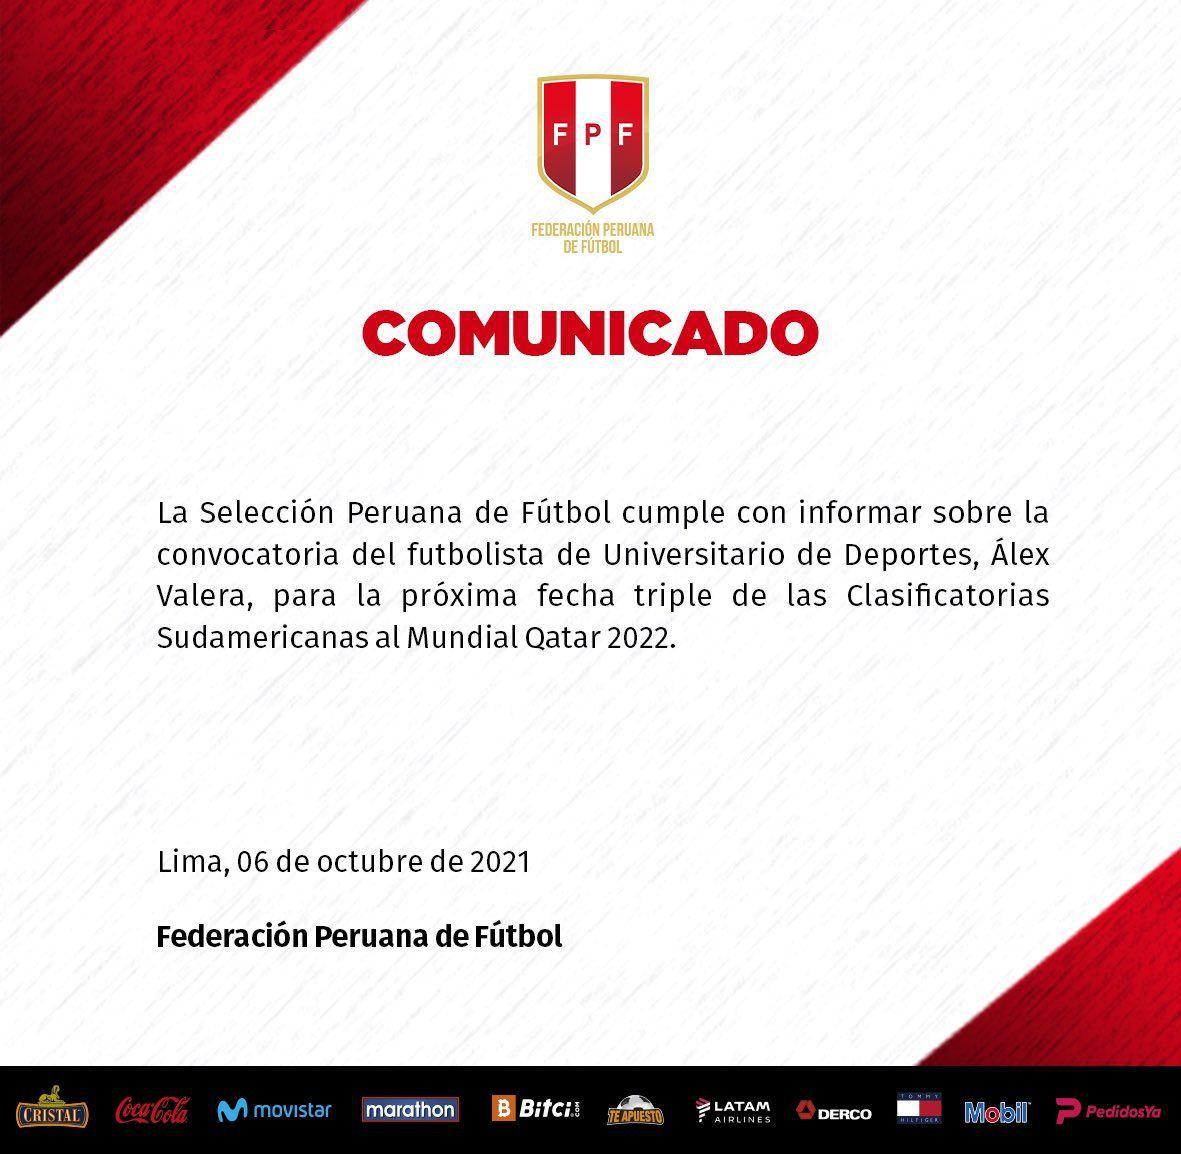 El comunicado de la selección peruana que confirma la convocatoria de Alex Valera. (Foto: FPF)